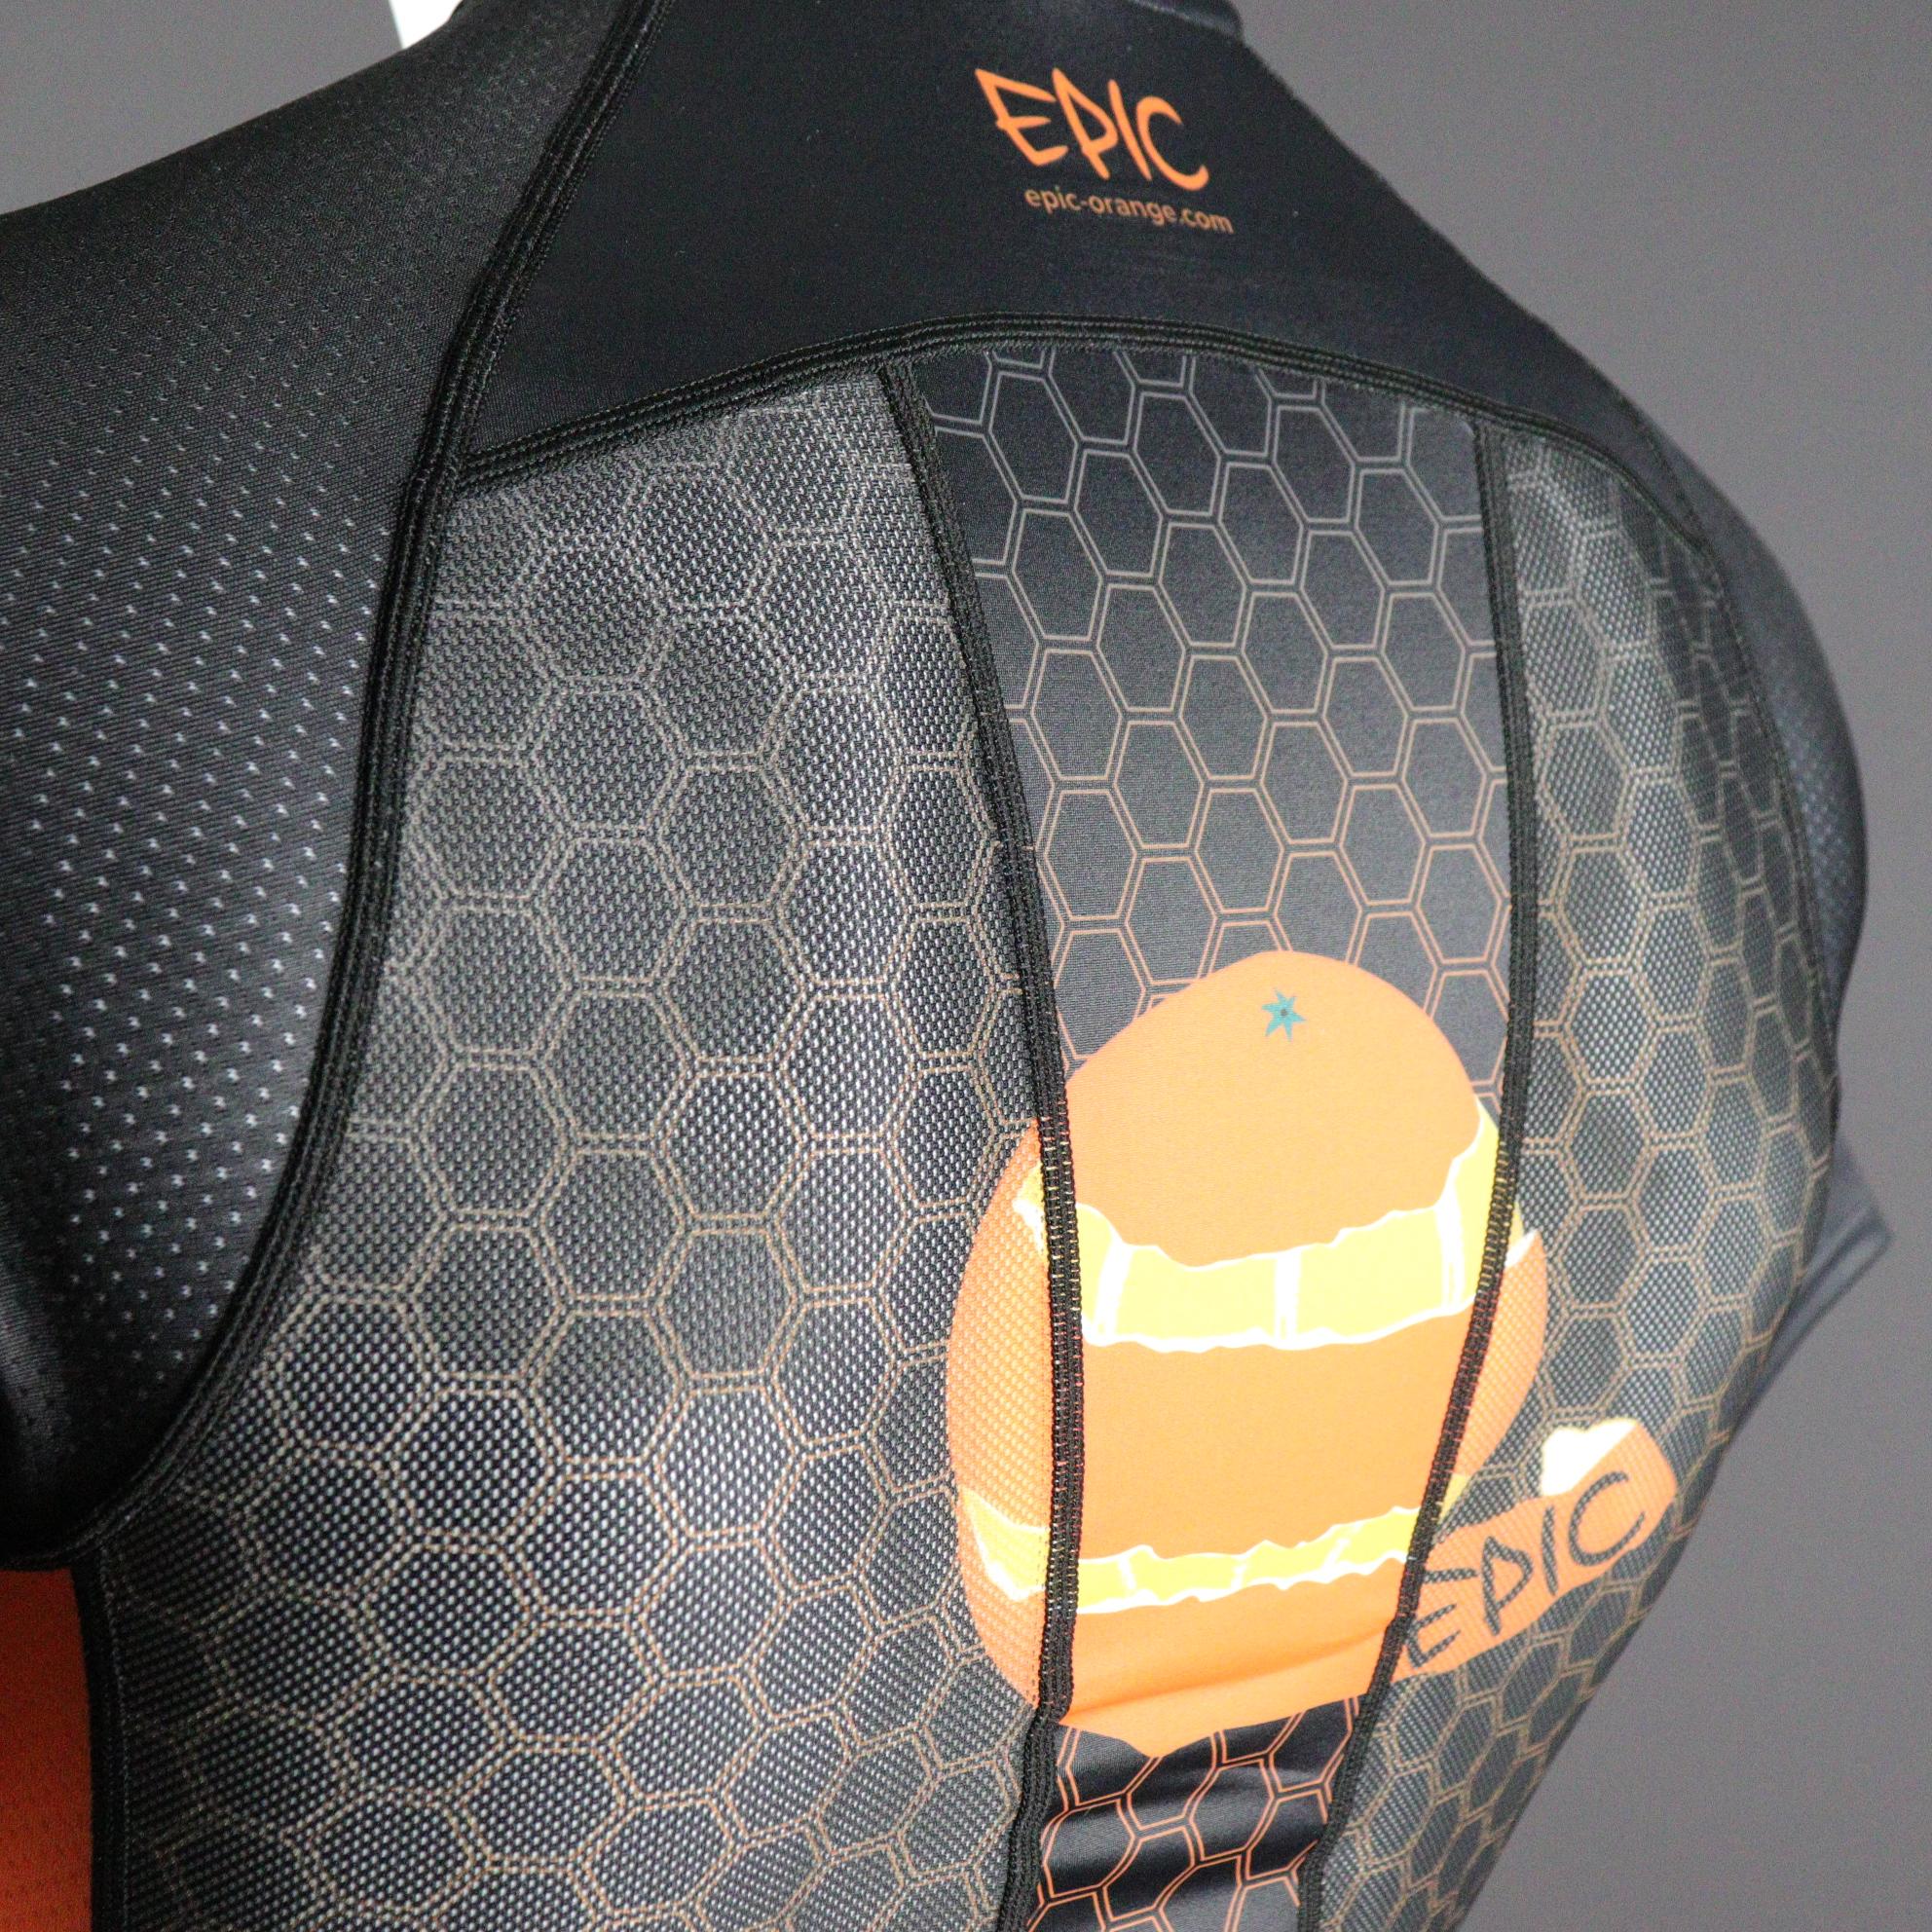 Custom Printed Short Sleeved Tri Tops